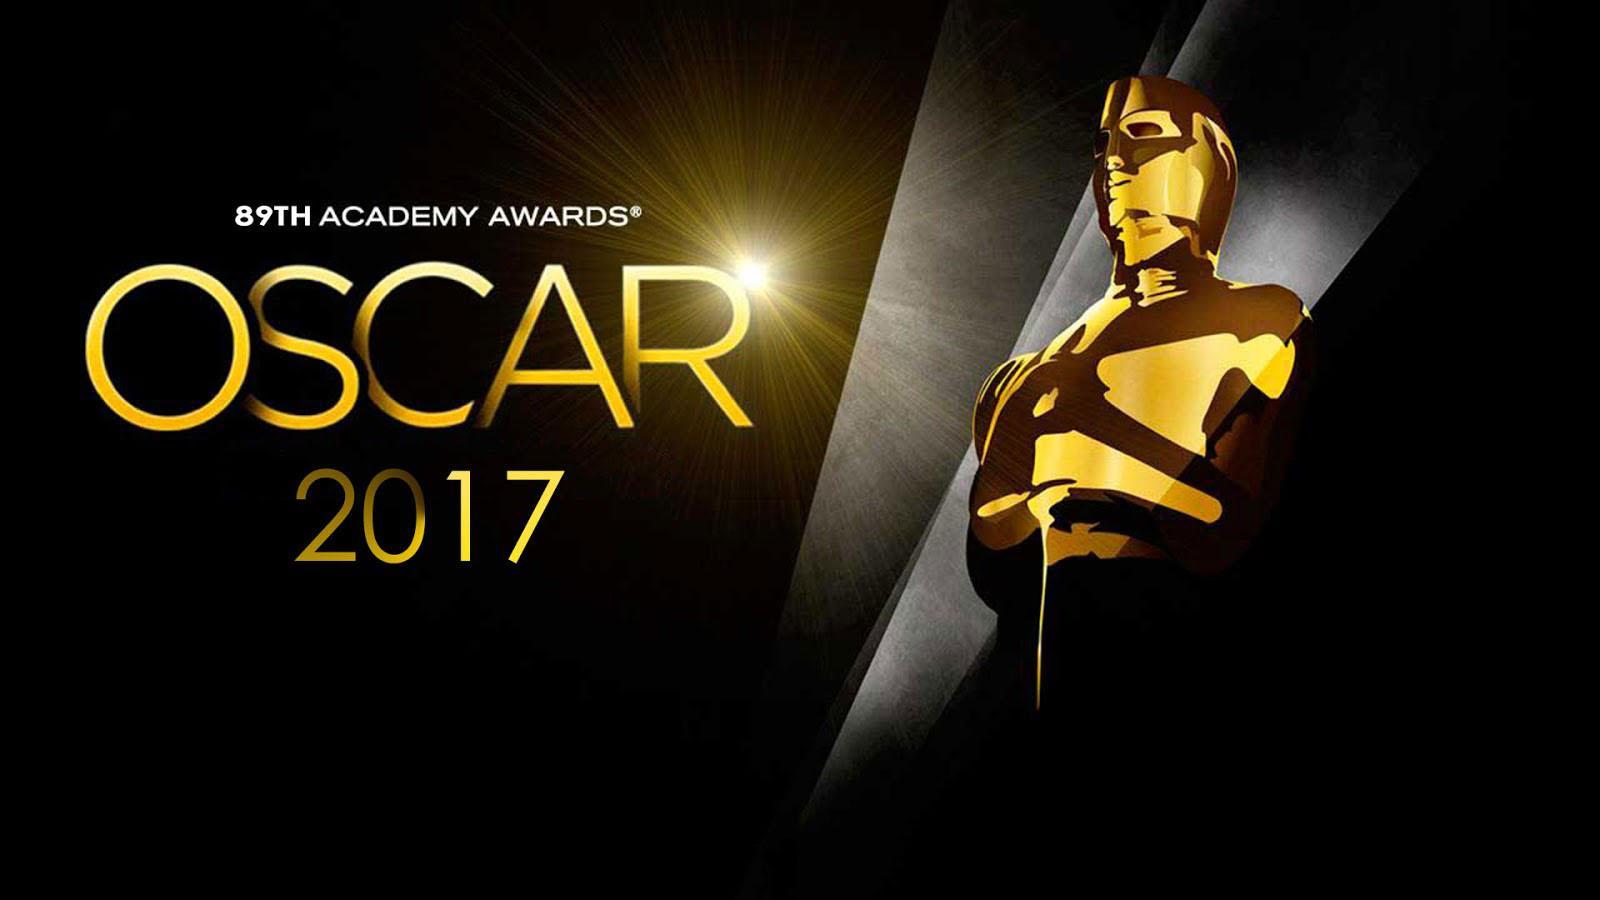 The 89th Oscar Academy Awards premieres Sunday, February 26, 2017.